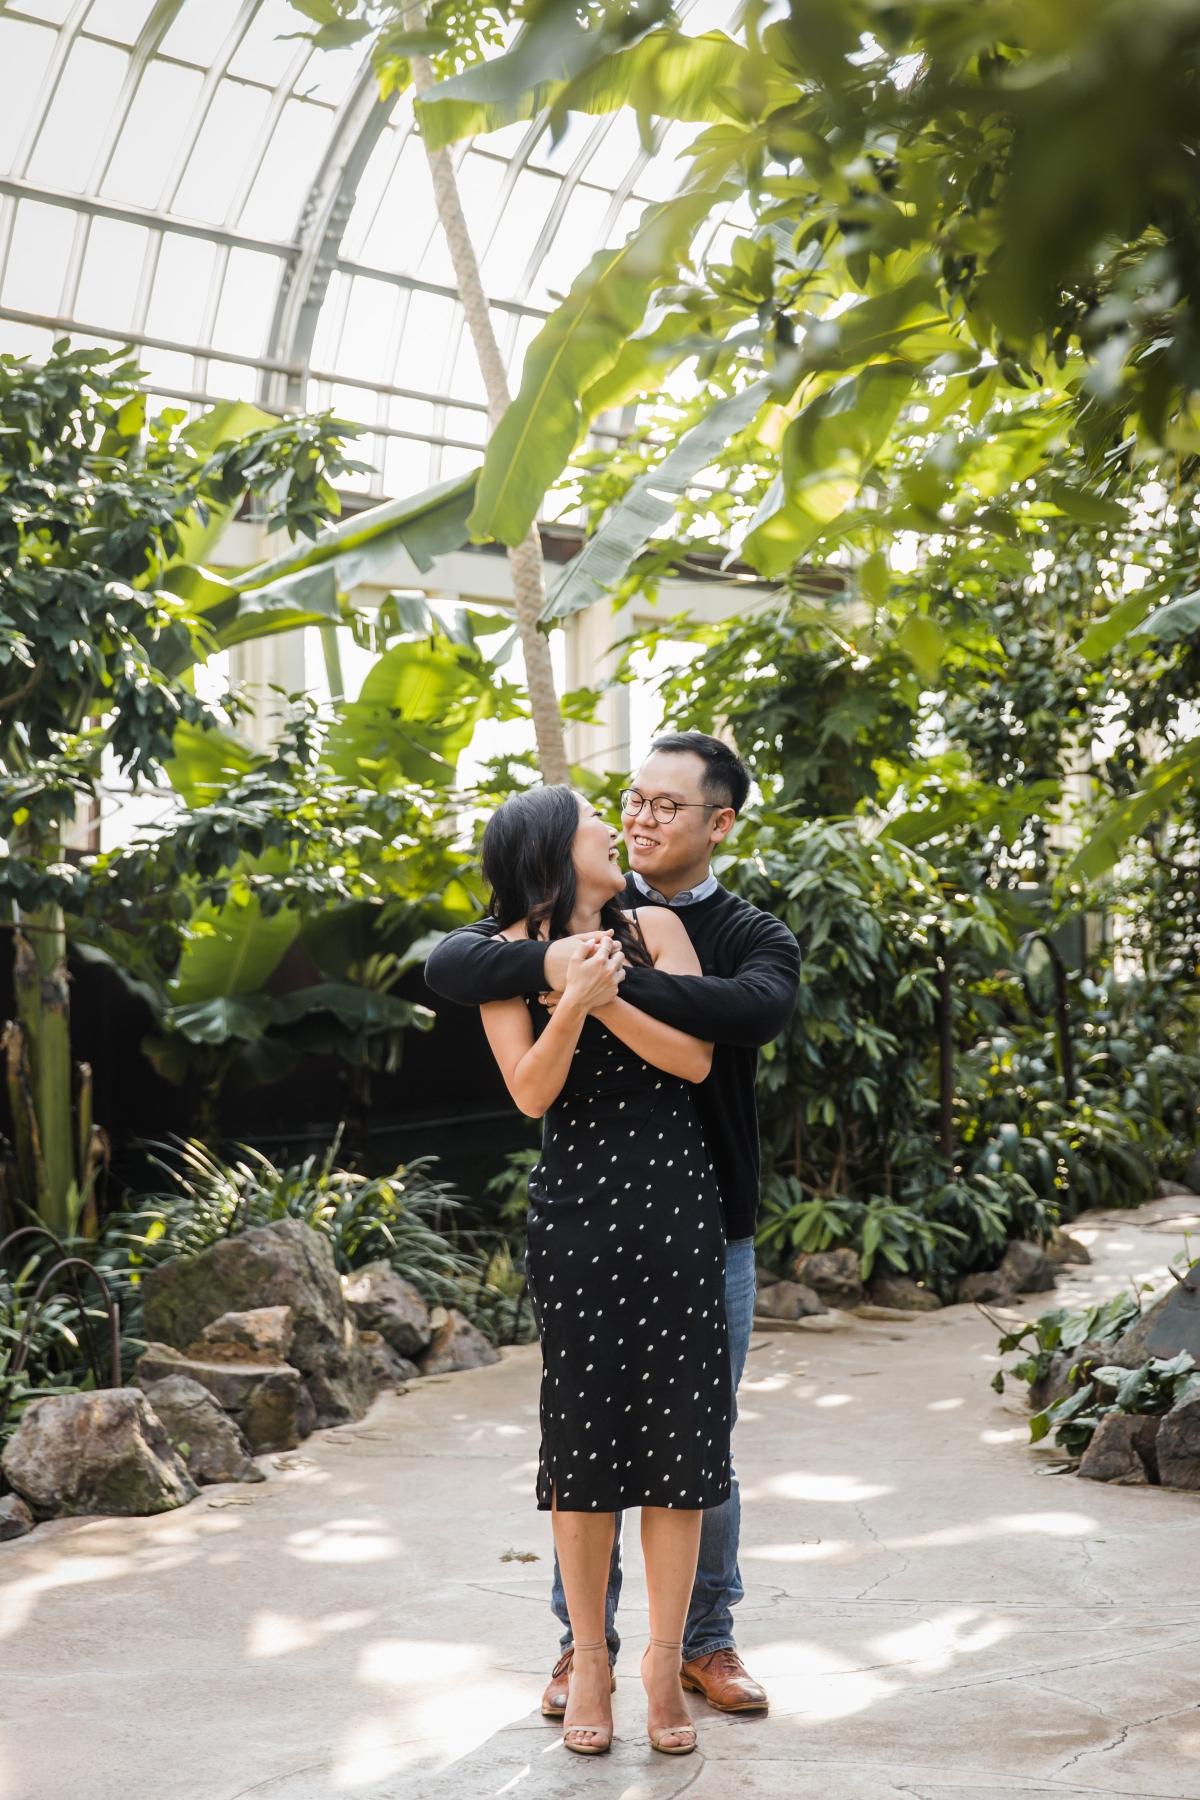 Garfield Park Conservatory Engagement Photos Sara Gardner 13